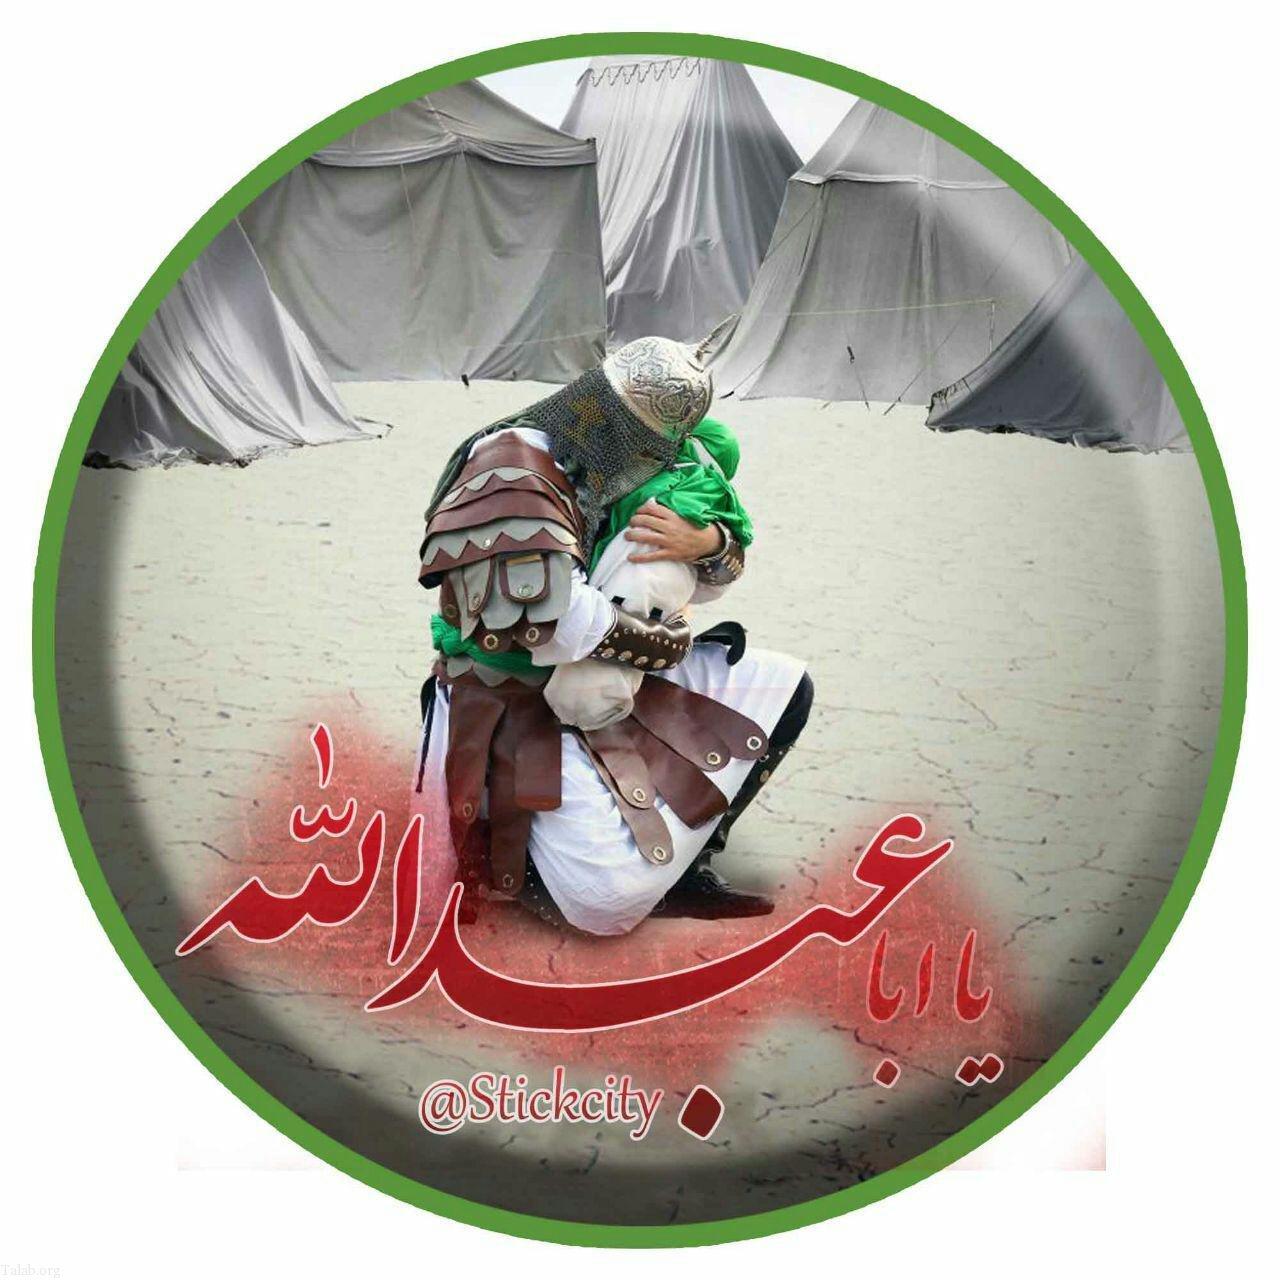 عکس پروفایل زیبا برای محرم | عکس نوشته زیبای محرم برای پروفایل